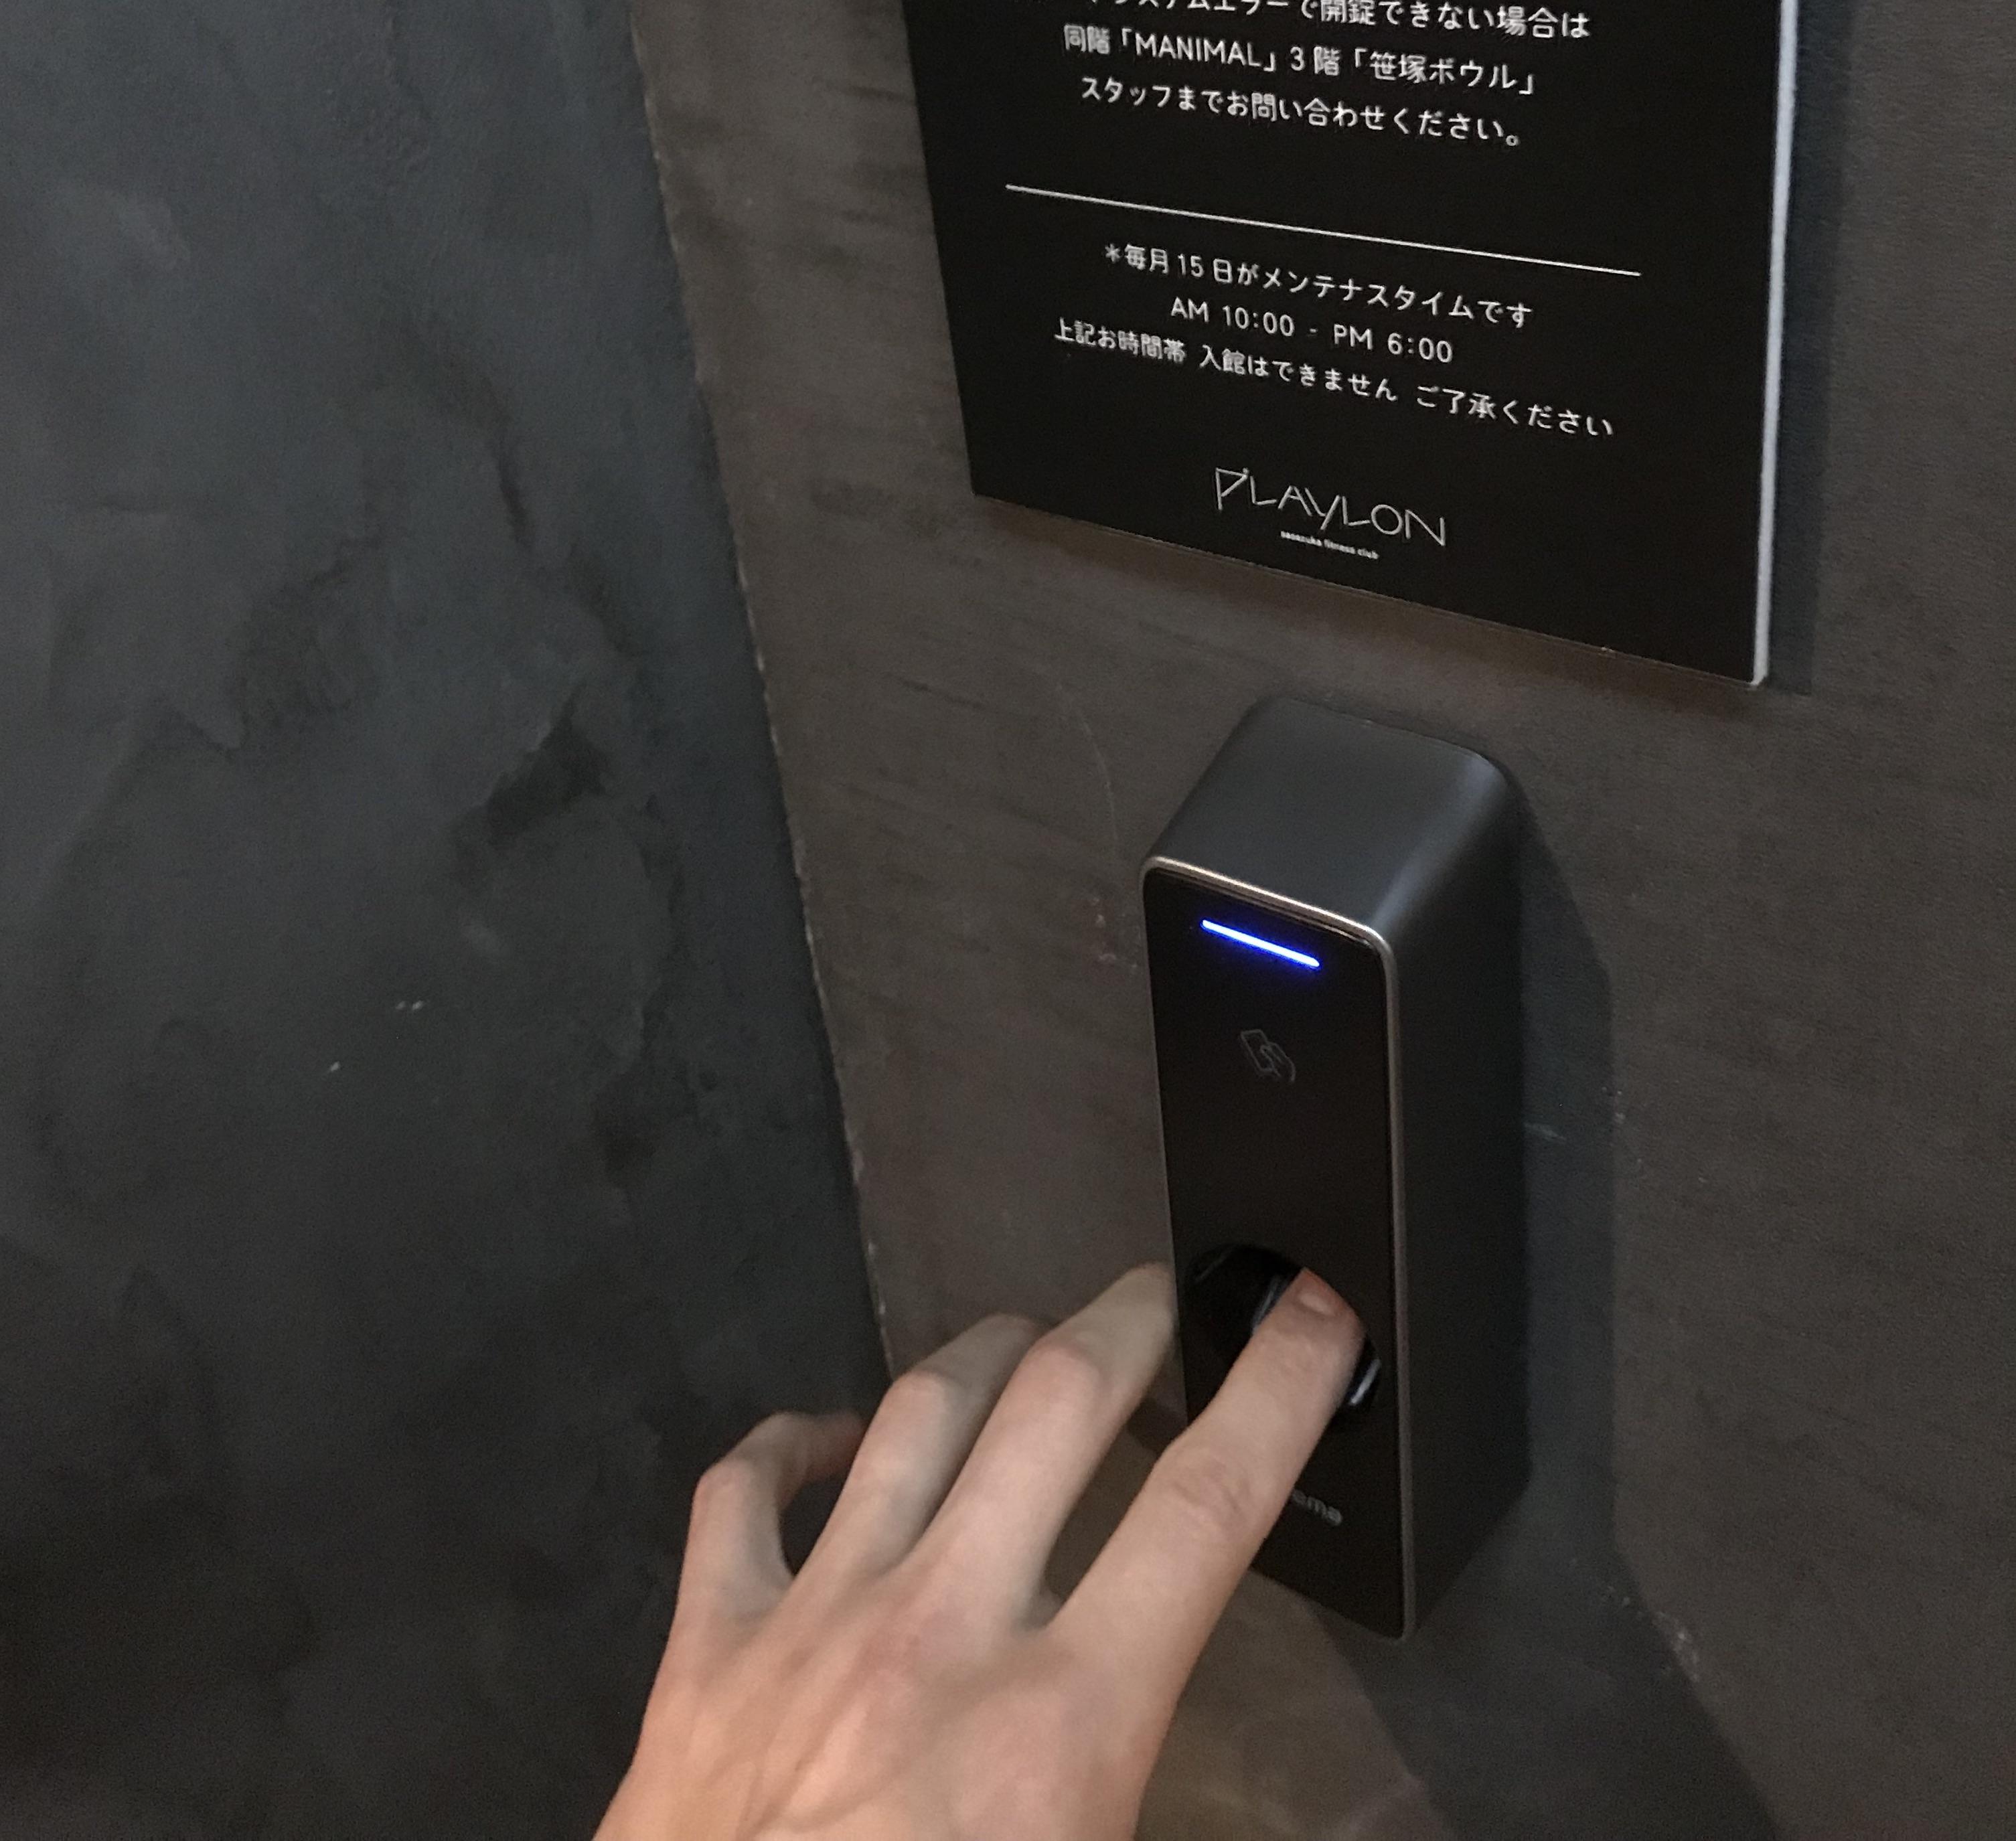 指紋認証またはカードでチェックイン